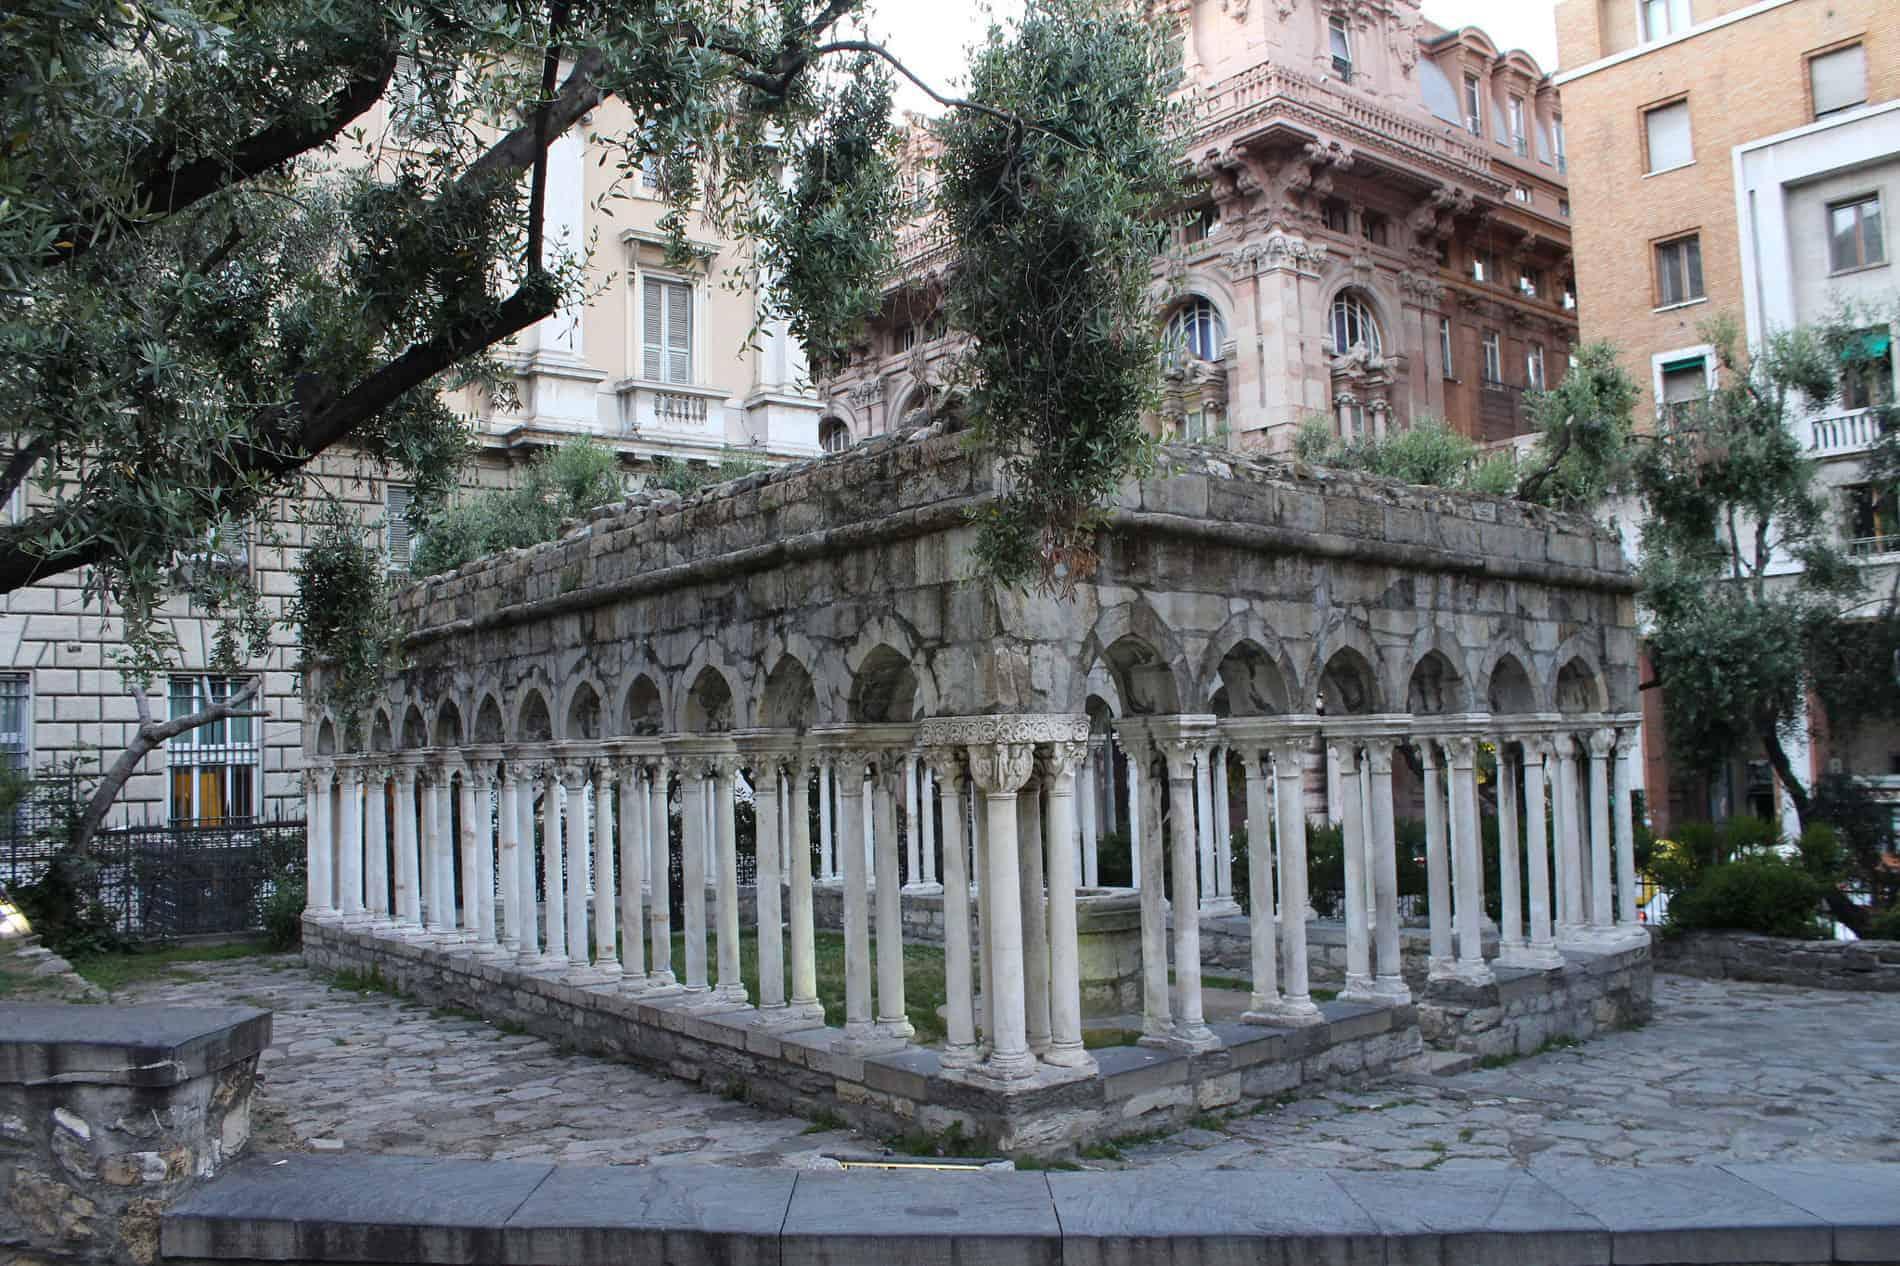 La Casa di Cristoforo Colombo